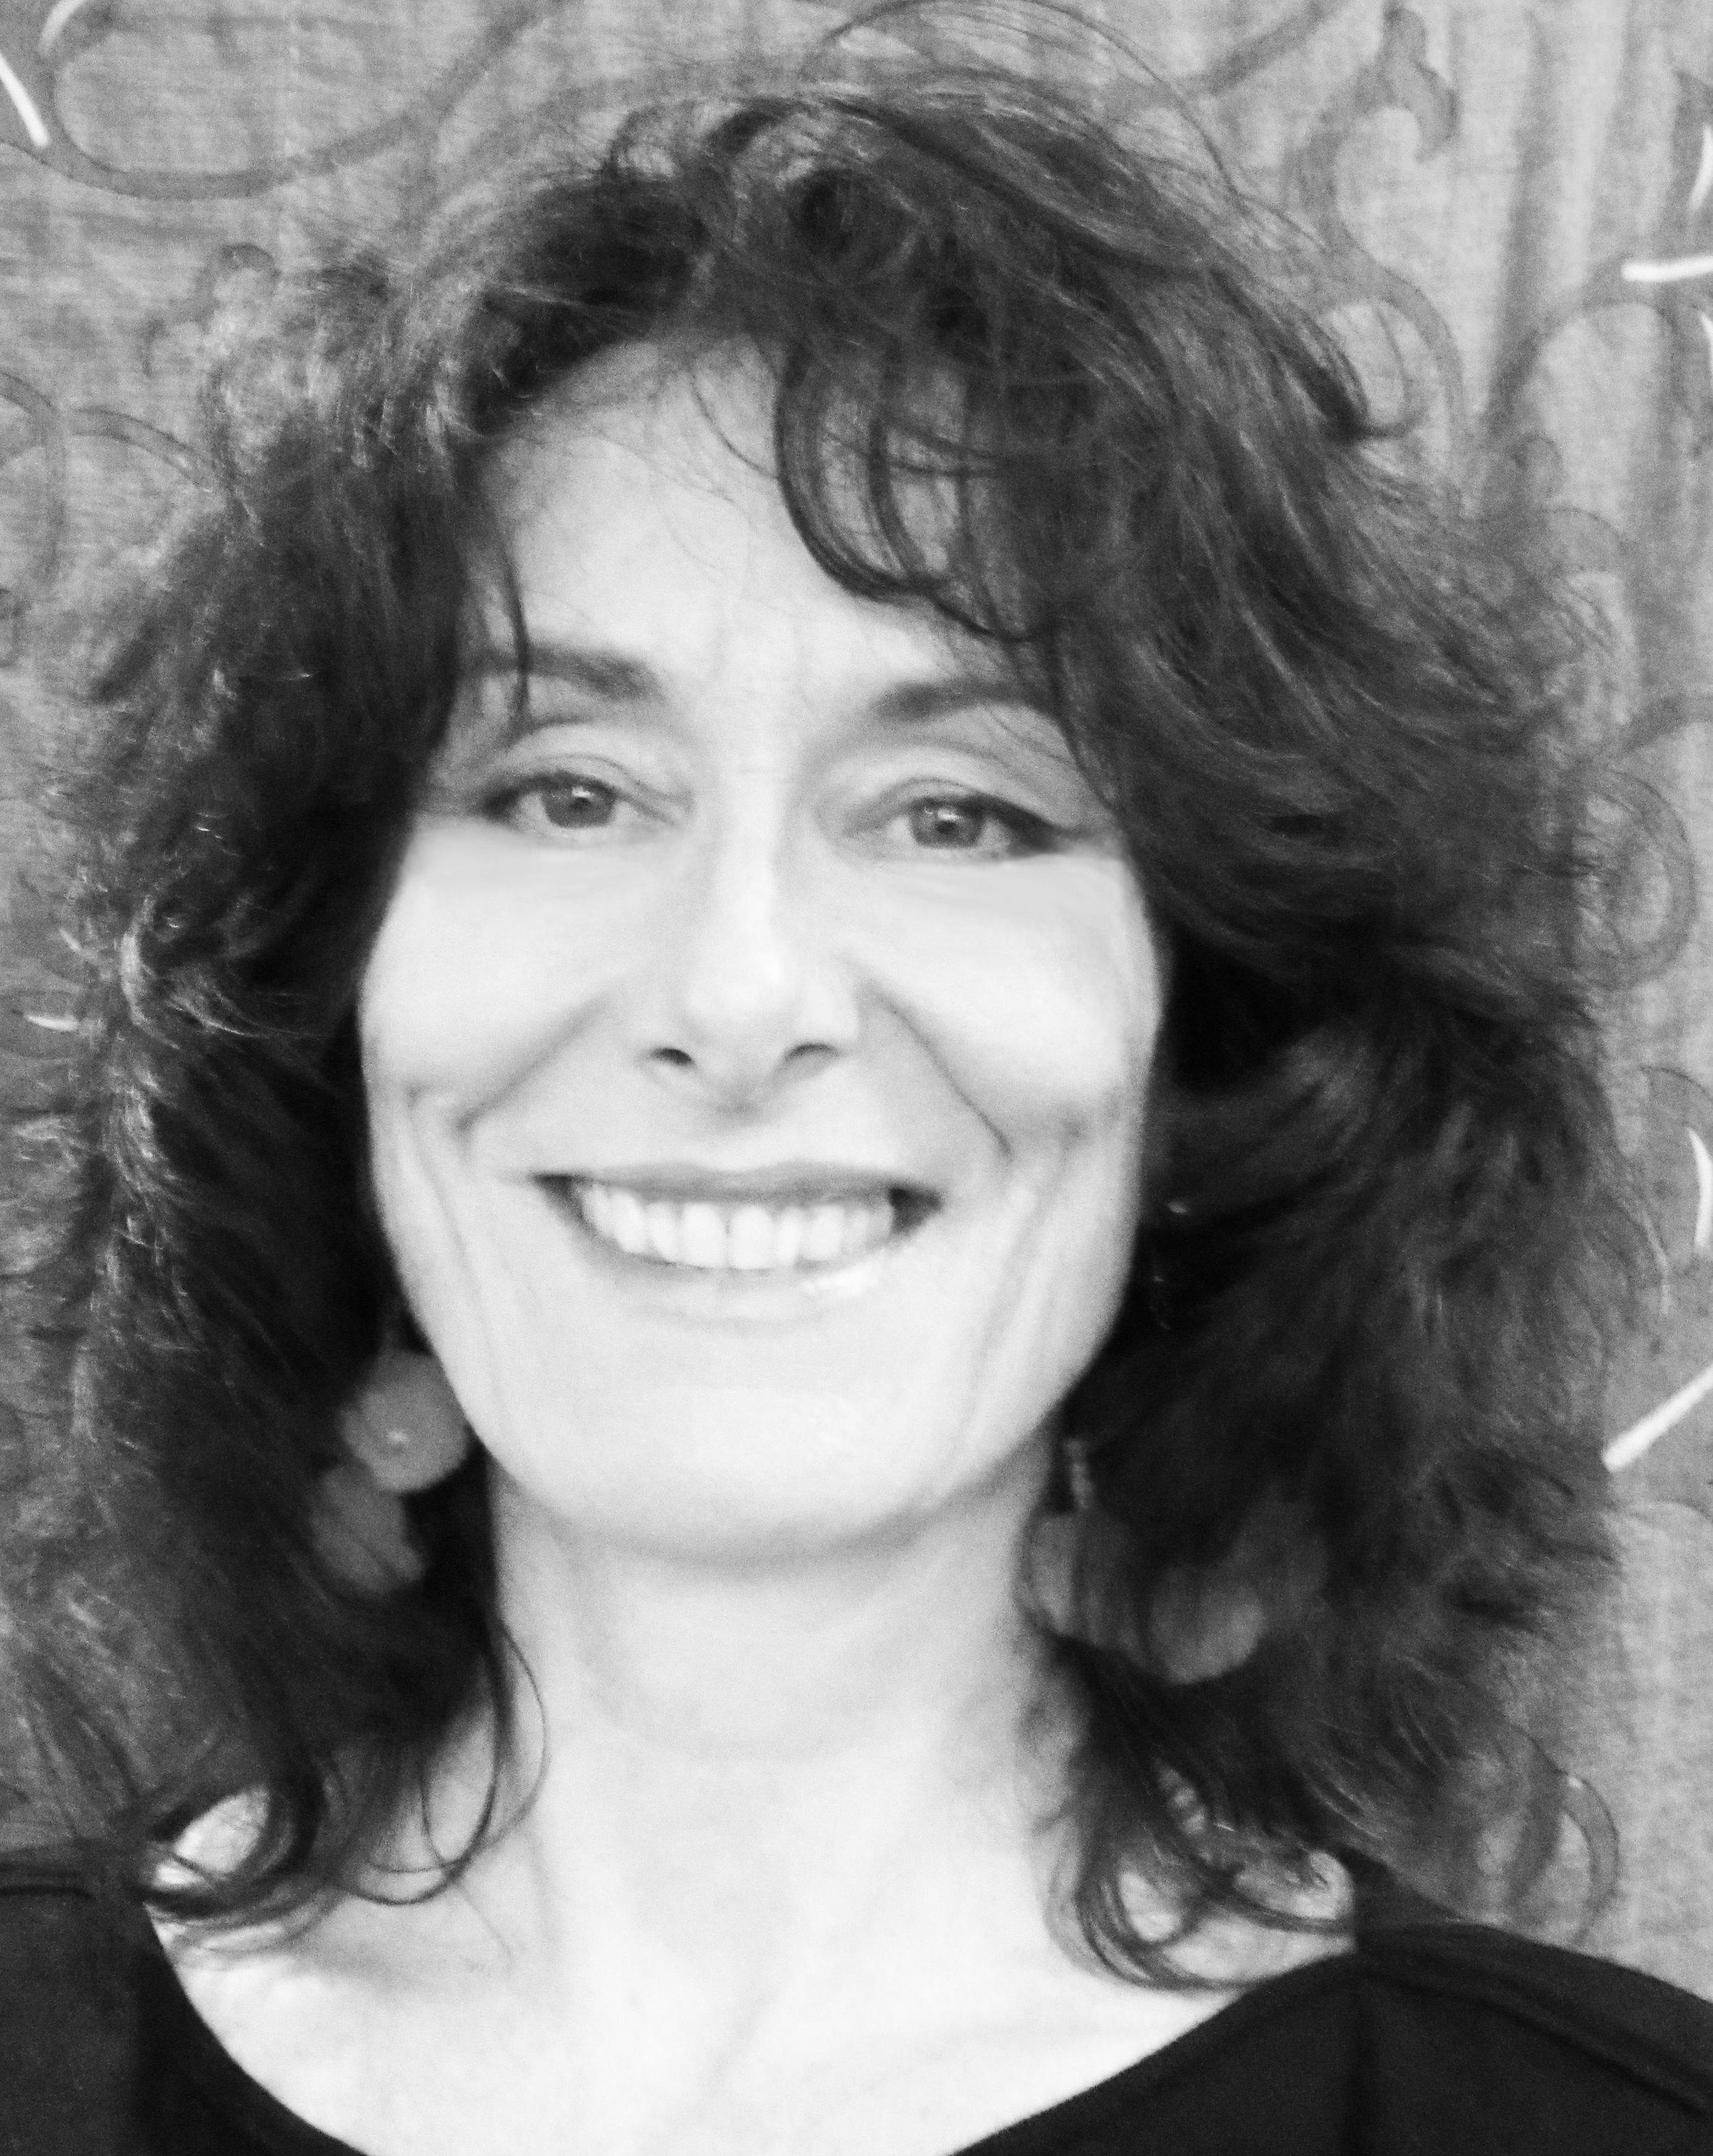 Sue Prescott - fashion designer, researcher and academic